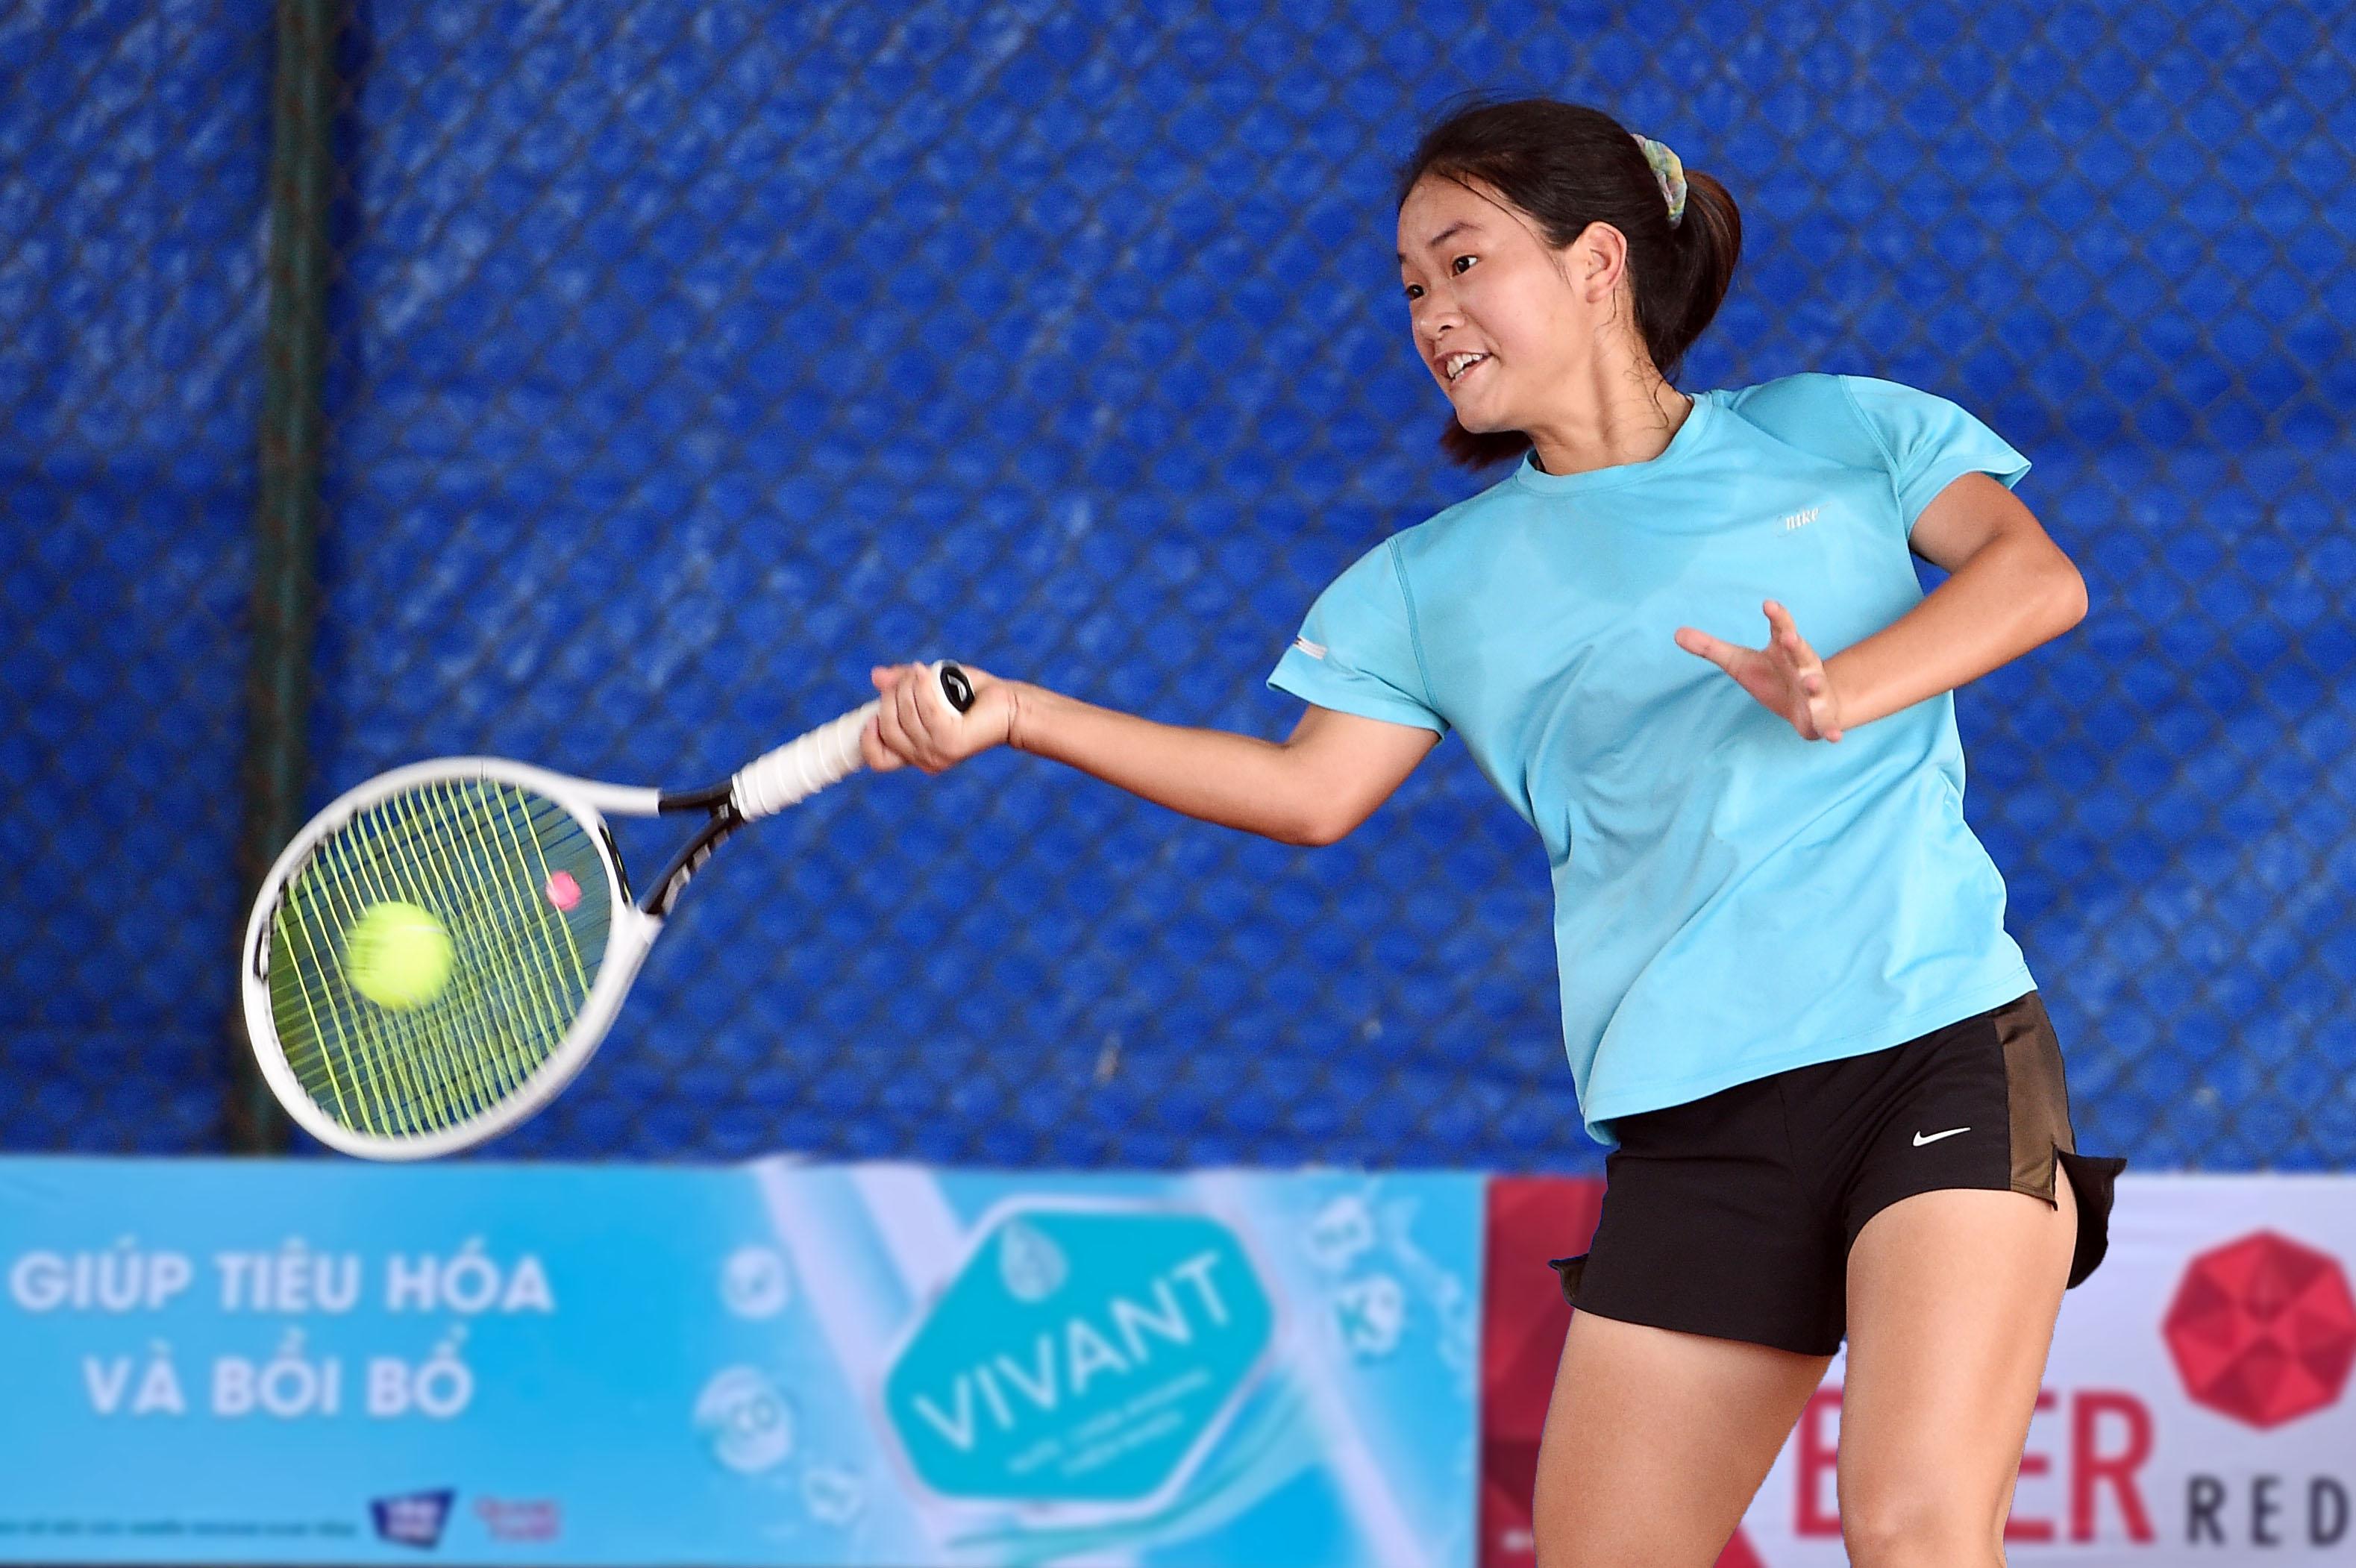 Hình ảnh: Giải quần vợt vô địch đồng đội Quốc gia 2021: Cuộc chiến đầy duyên nợ ở chung kết đồng đội nữ số 2